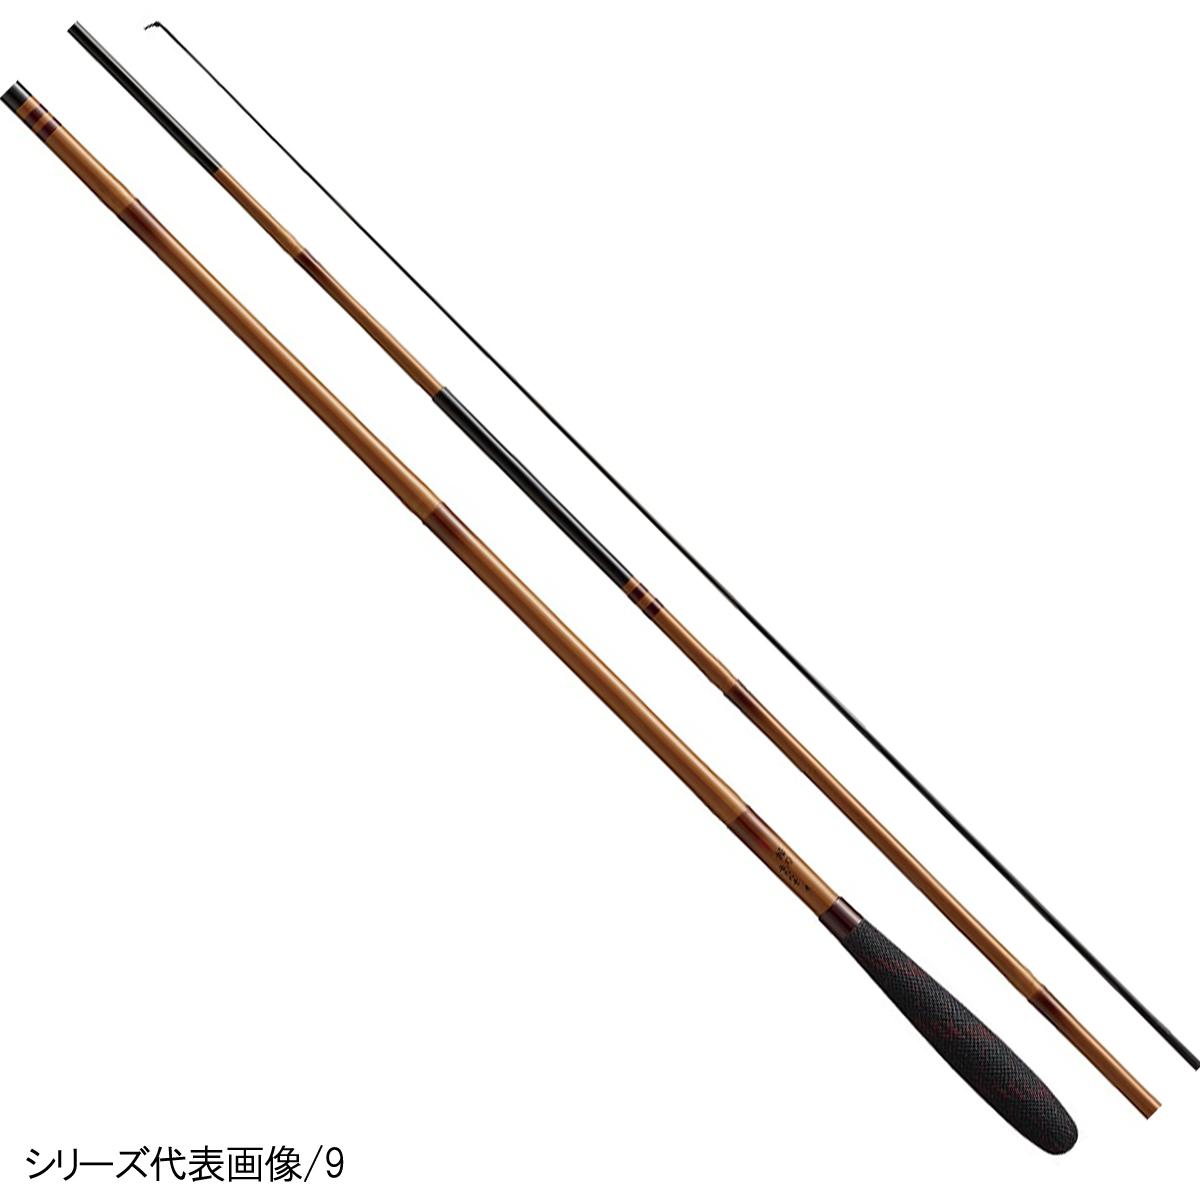 シマノ 飛天弓 頼刃(ひてんきゅう らいじん) またたき 13.5(東日本店)